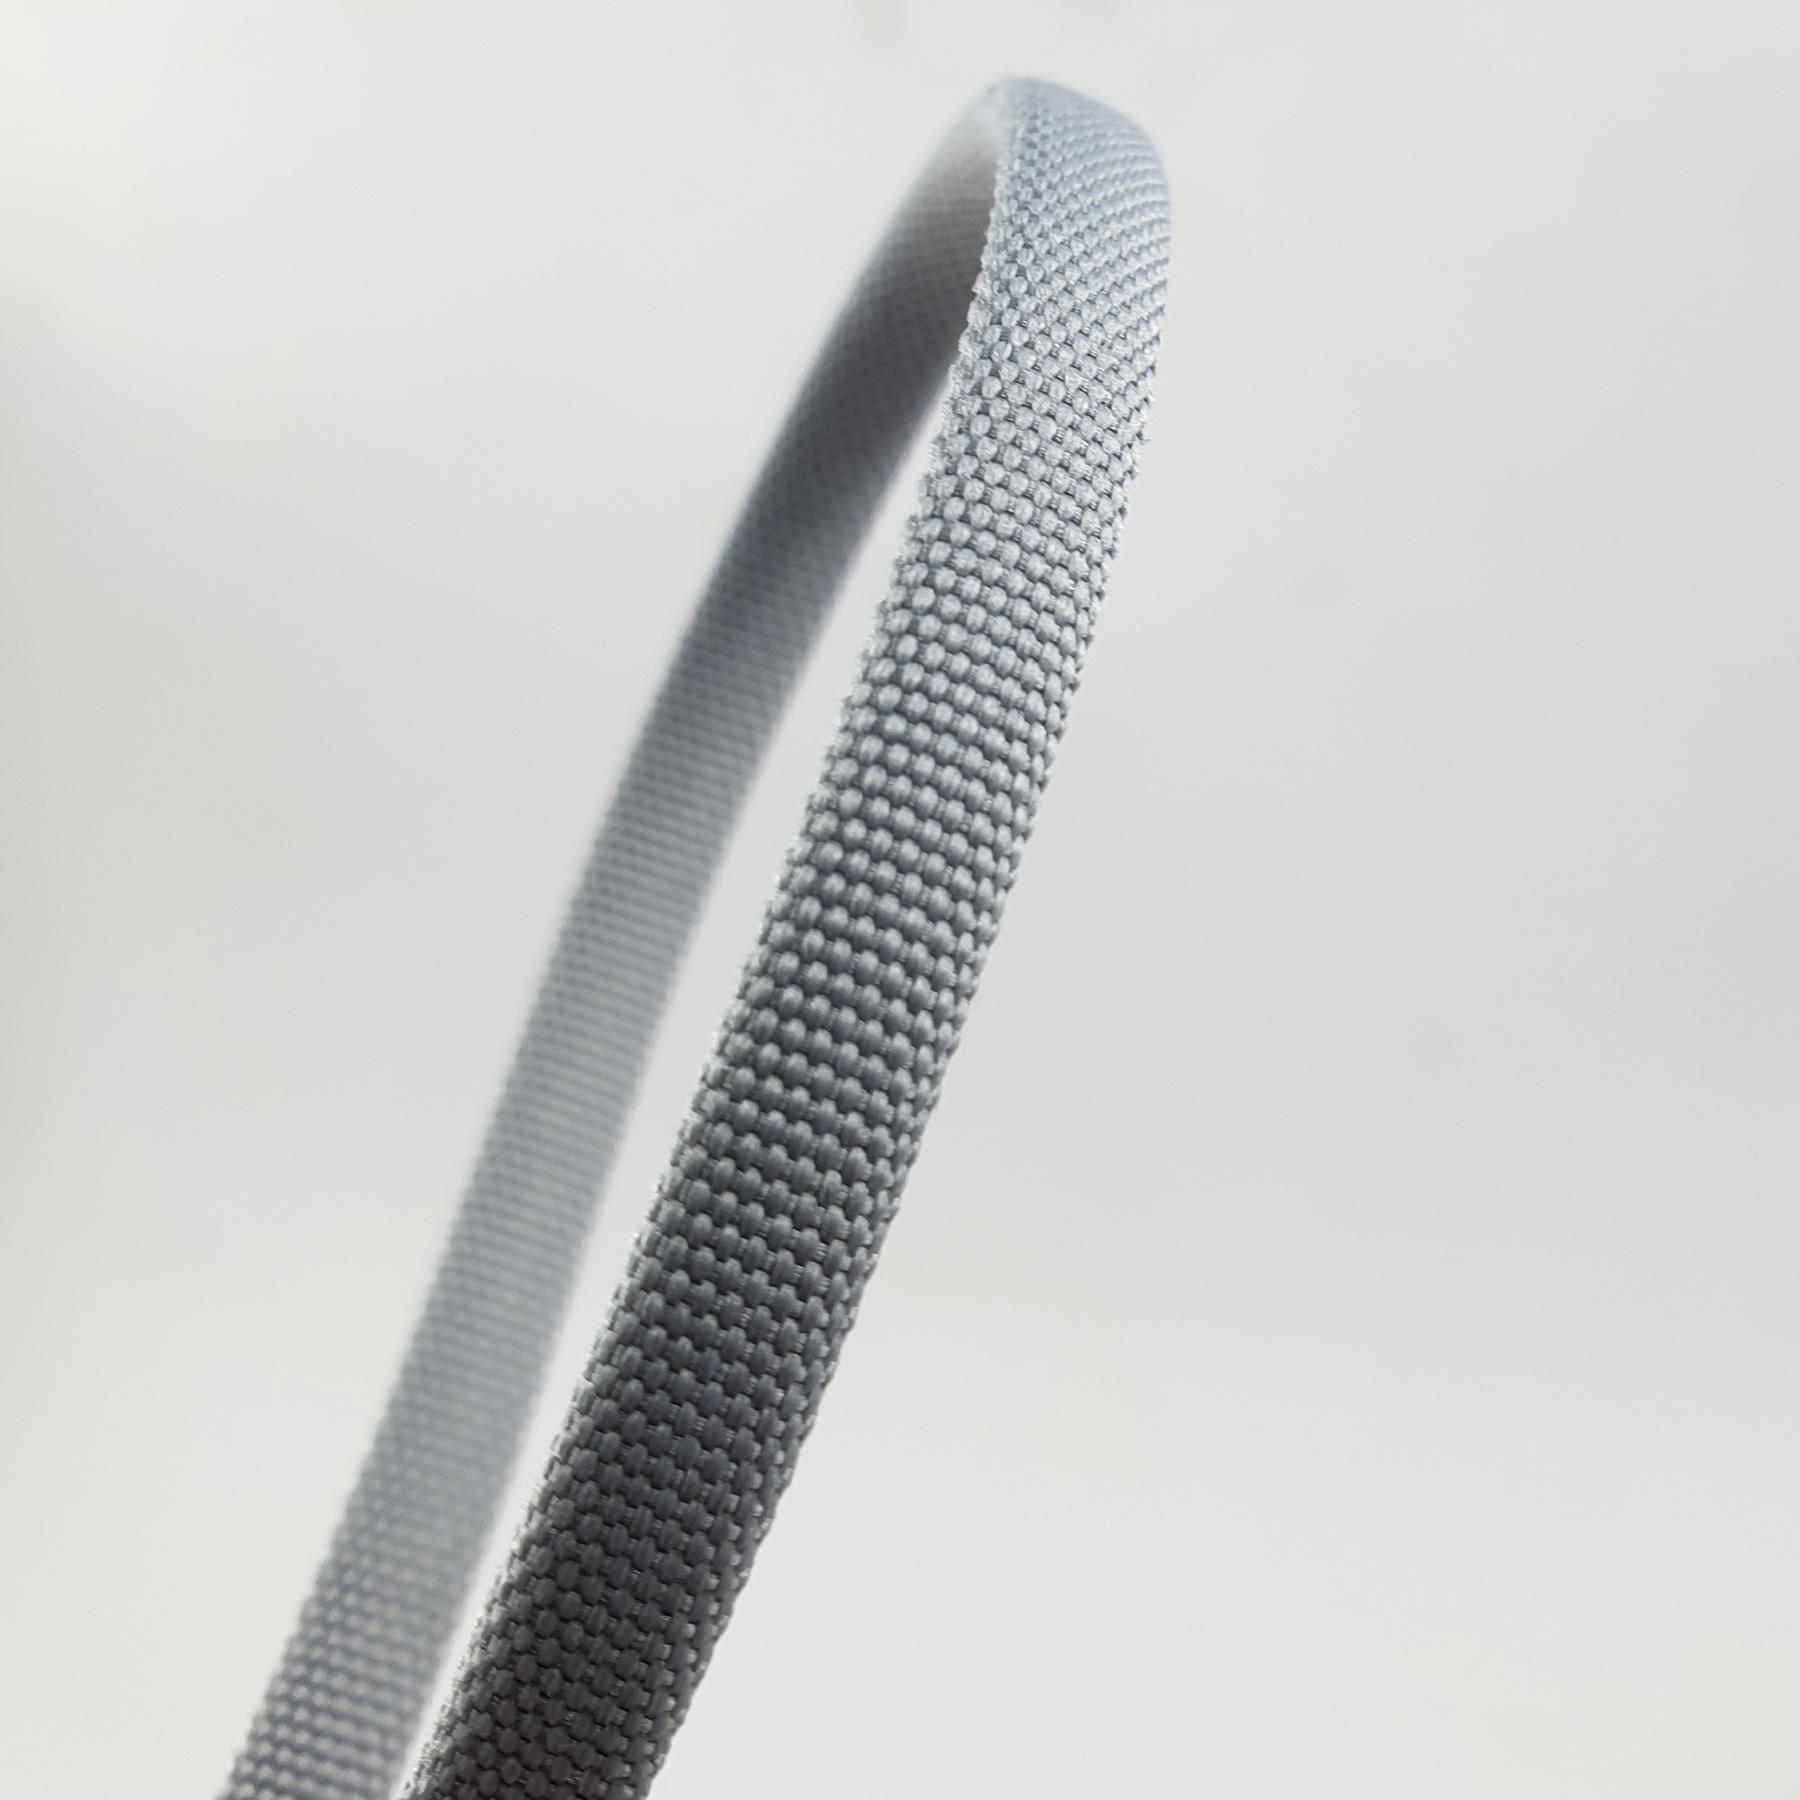 کابل تبدیل USB به لایتنینگ اپی ماکس مدل EC-03 طول 1.2 متر